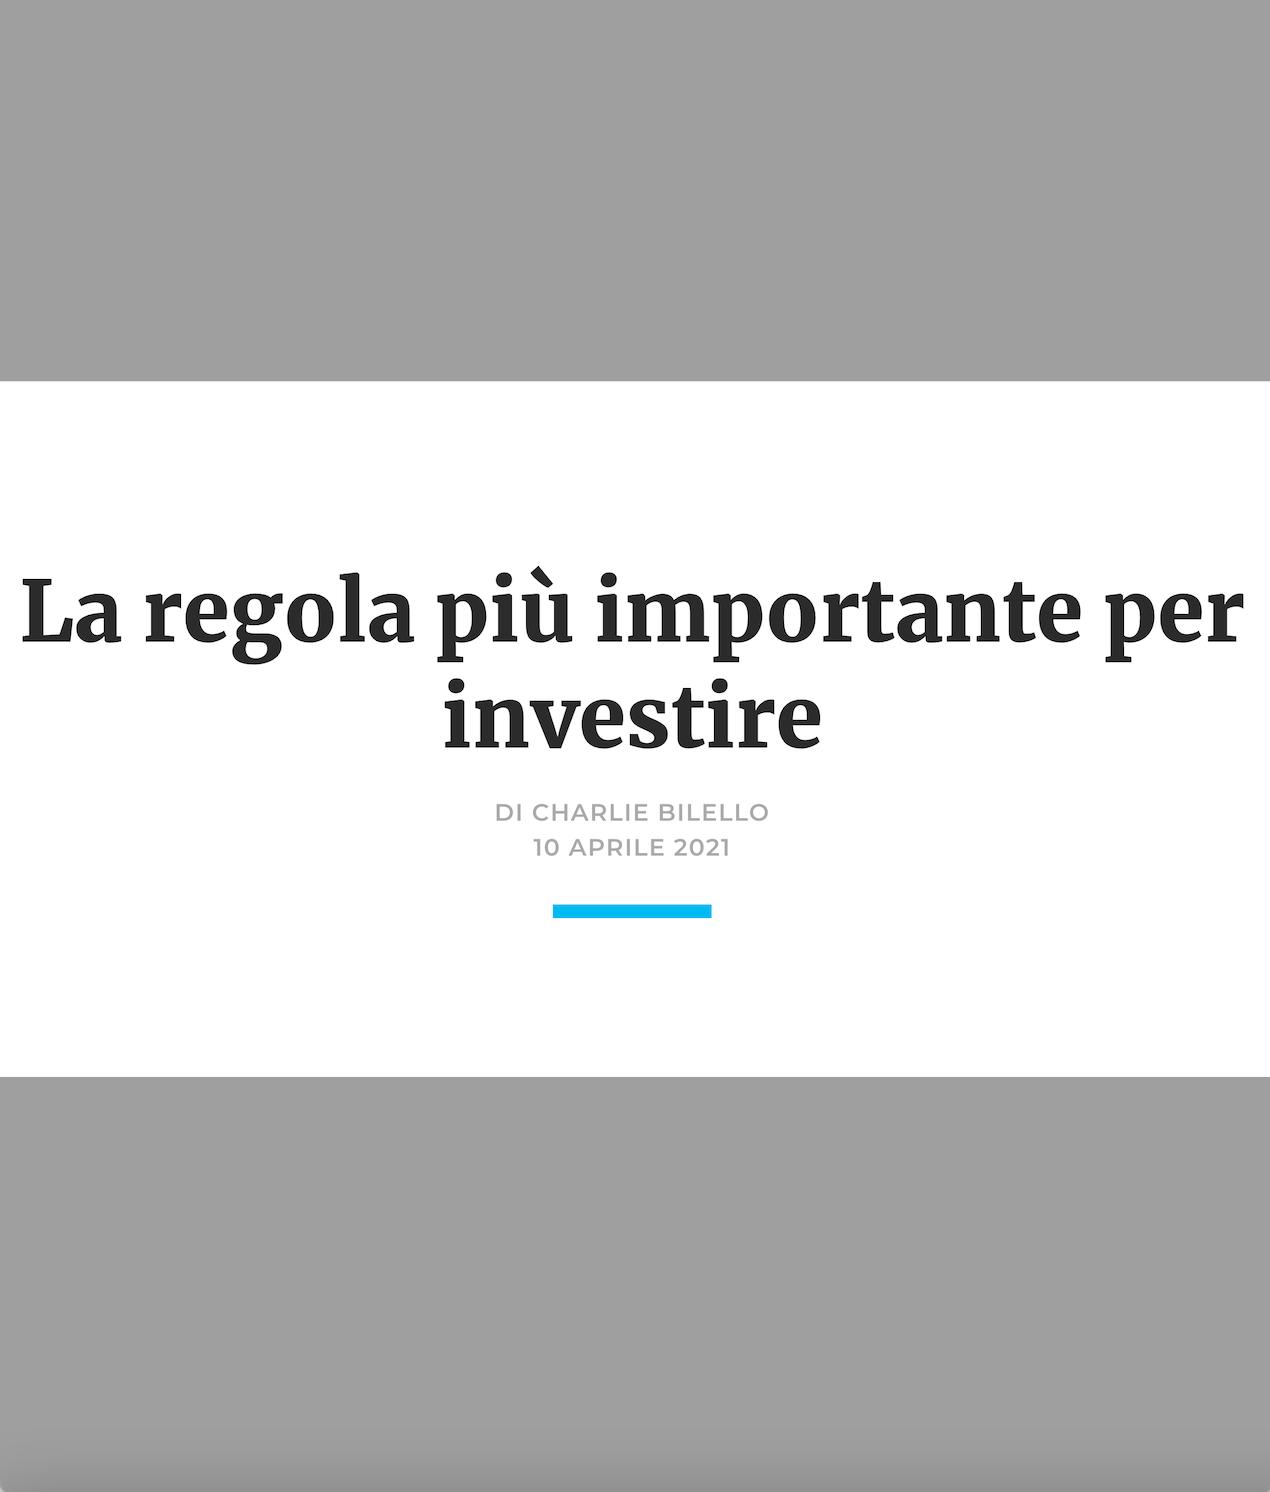 La regola più importante per investire